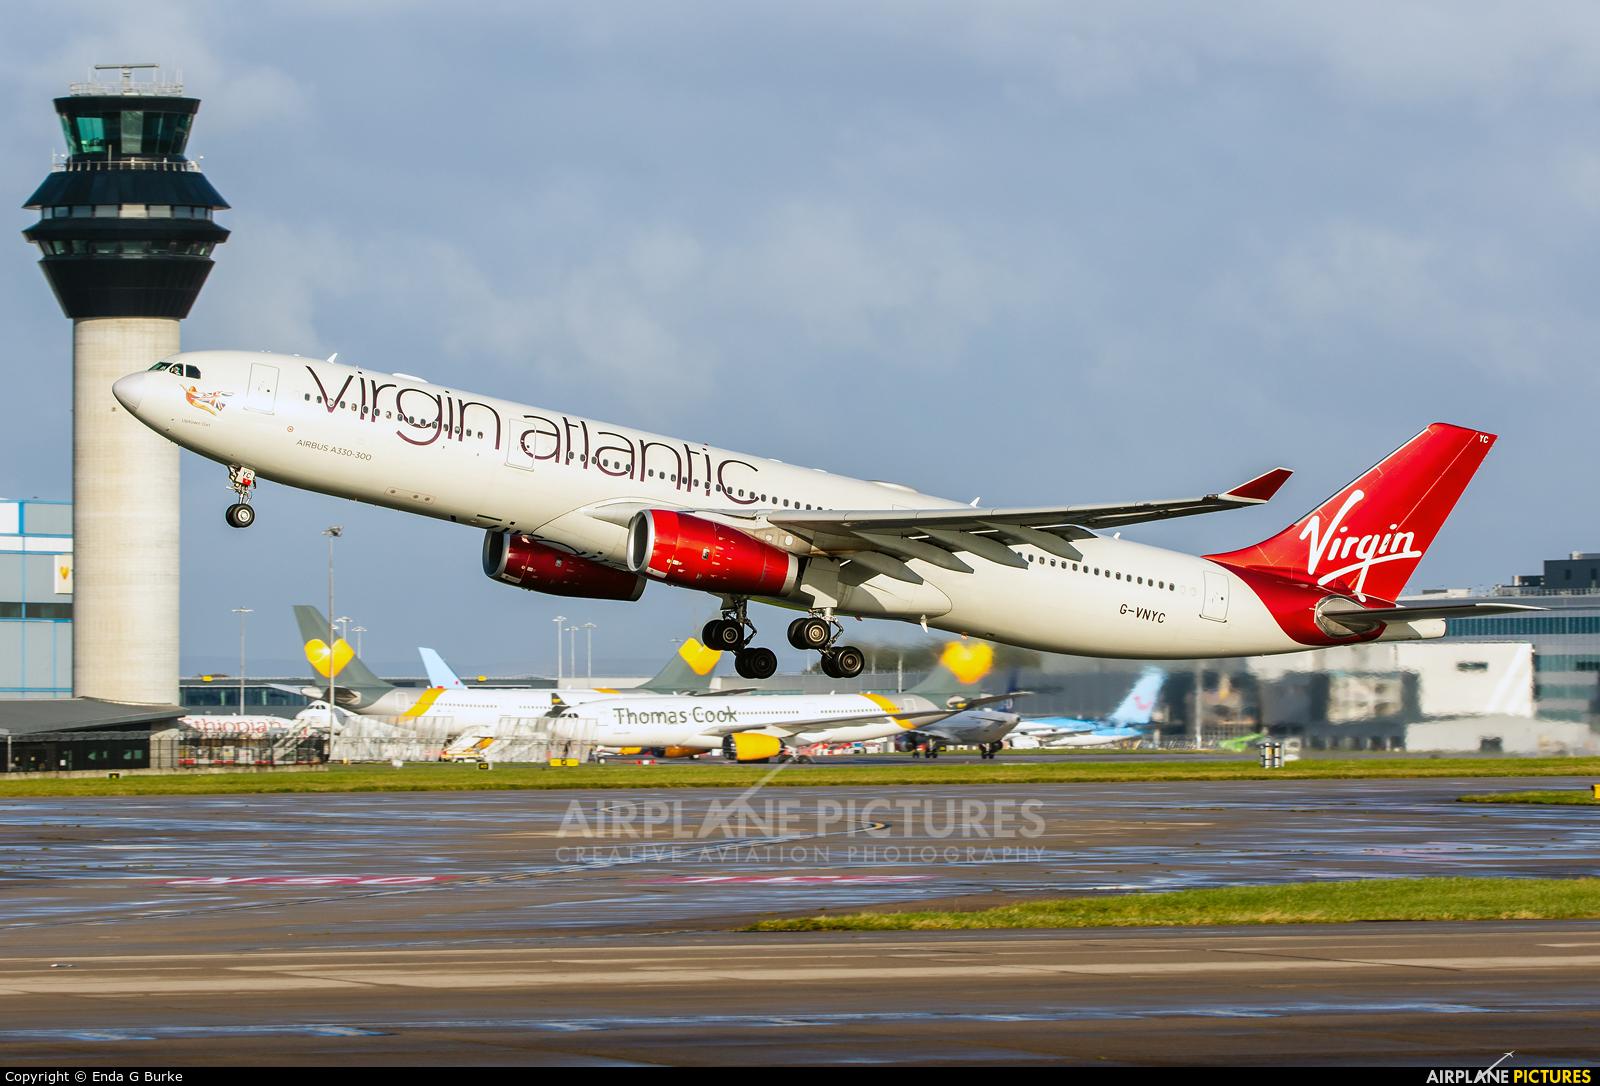 Virgin Atlantic G-VNYC aircraft at Manchester